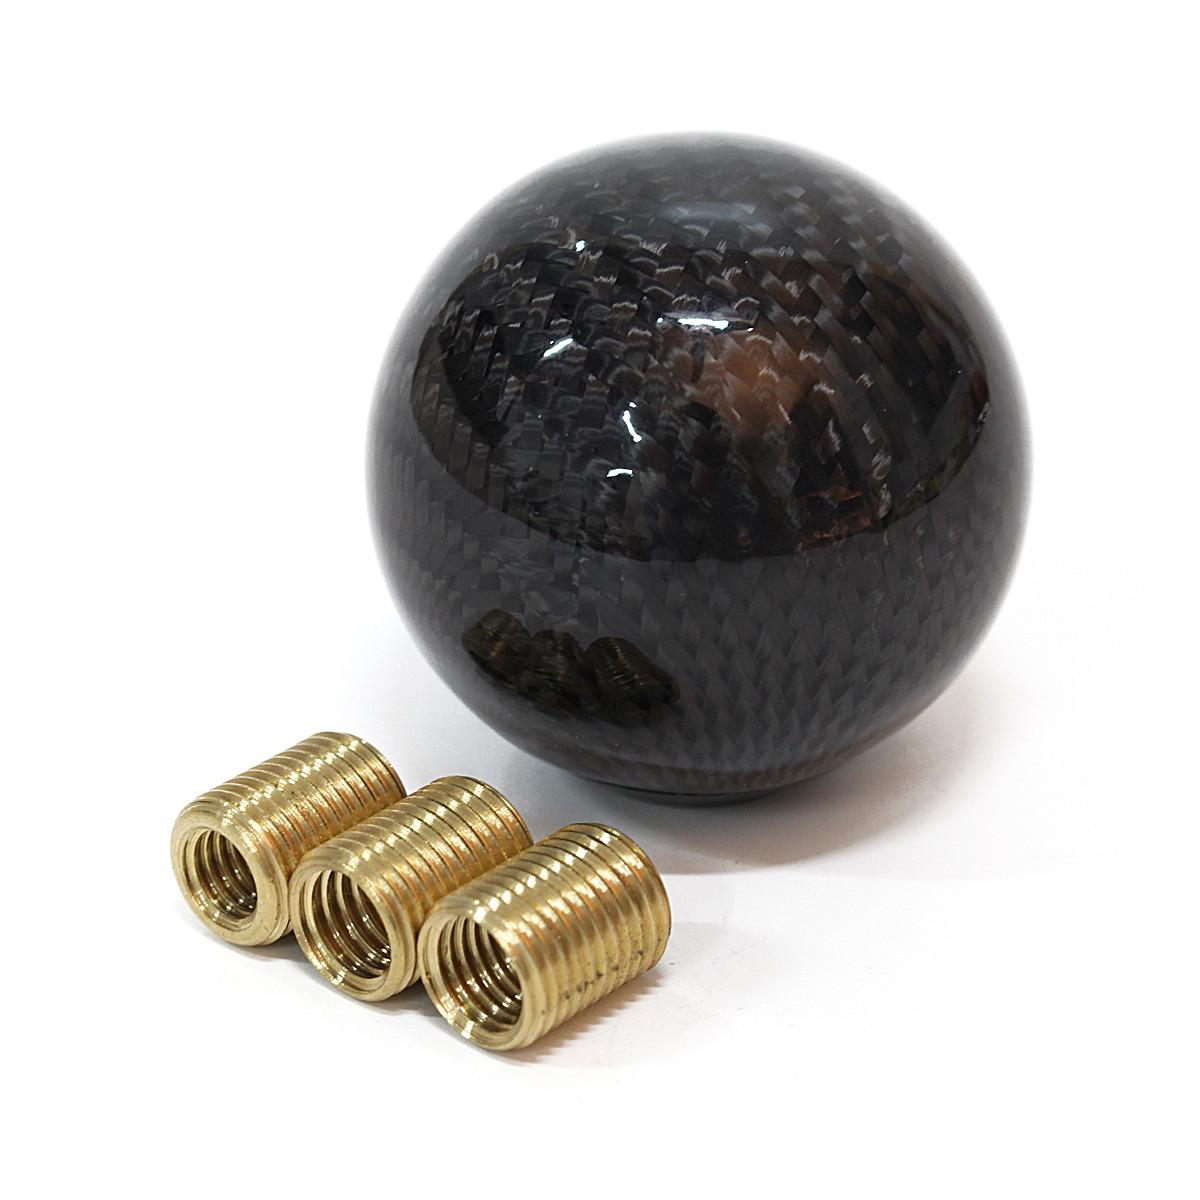 5 6 Speed MT Fit Manual Transmission Gear Shift Knob Shifter Black